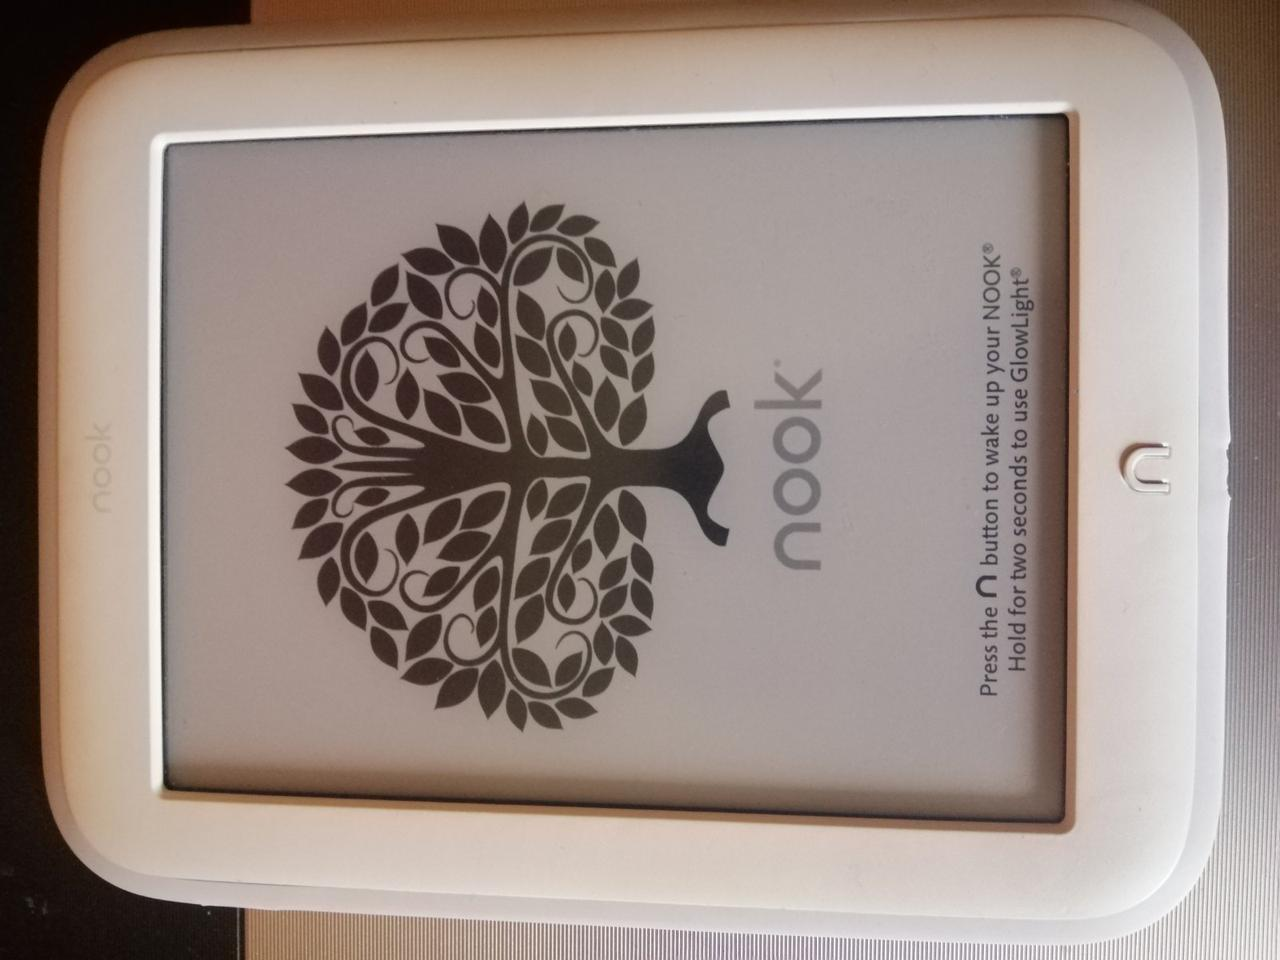 Электронная книга Nook Glow Light BNRV500 с подсветкой